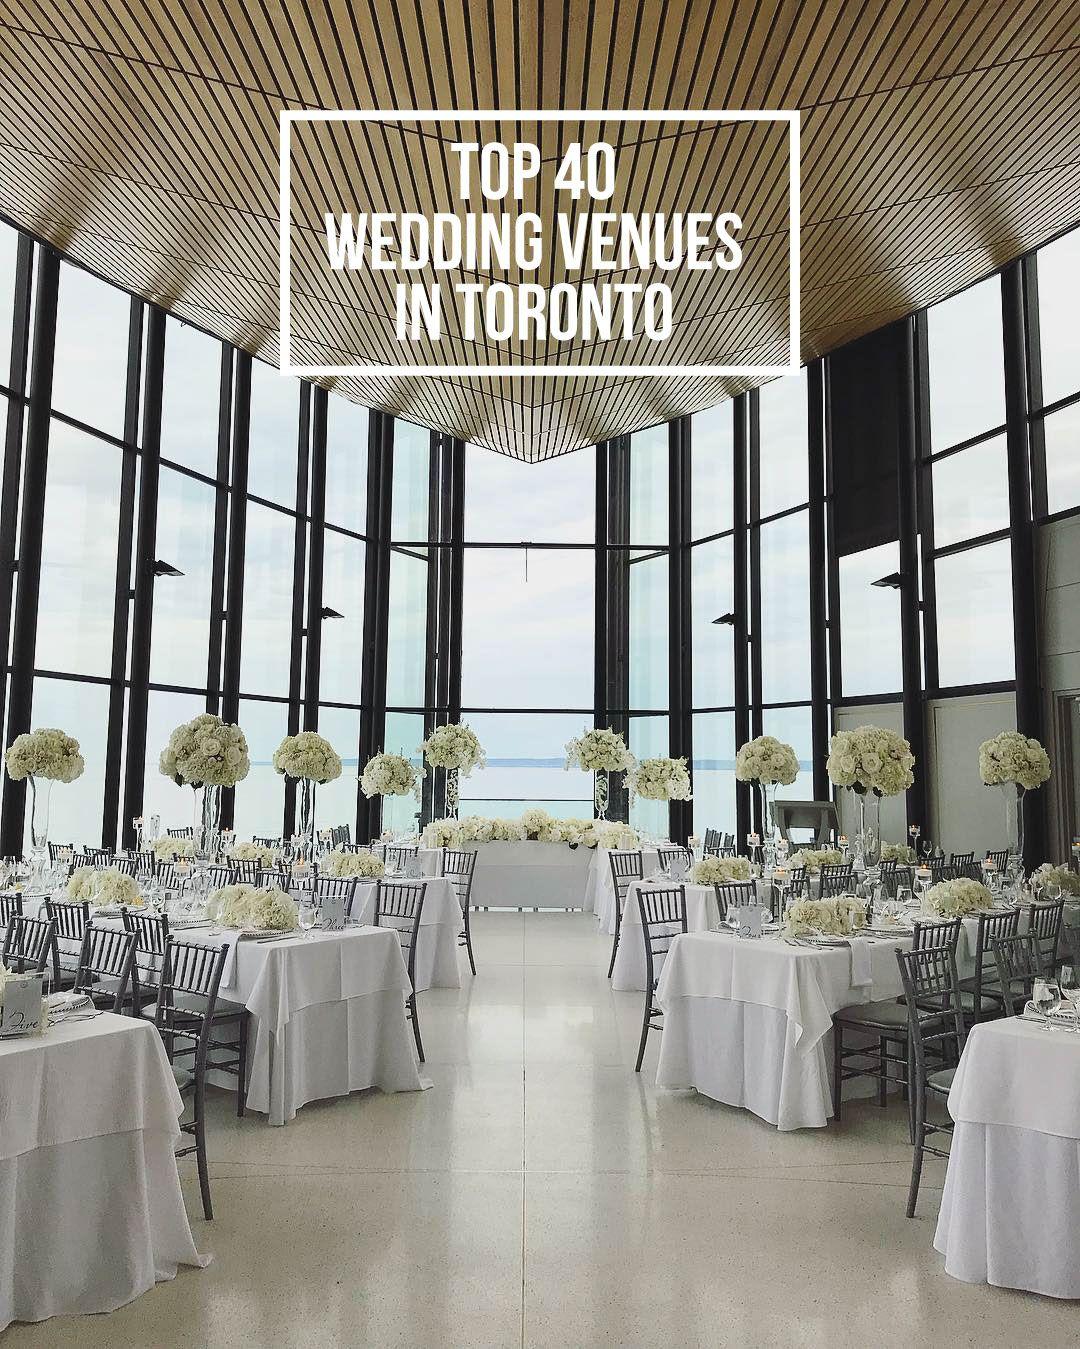 Top Wedding Venues In Toronto Wedding Venues Large Wedding Venues Toronto Wedding